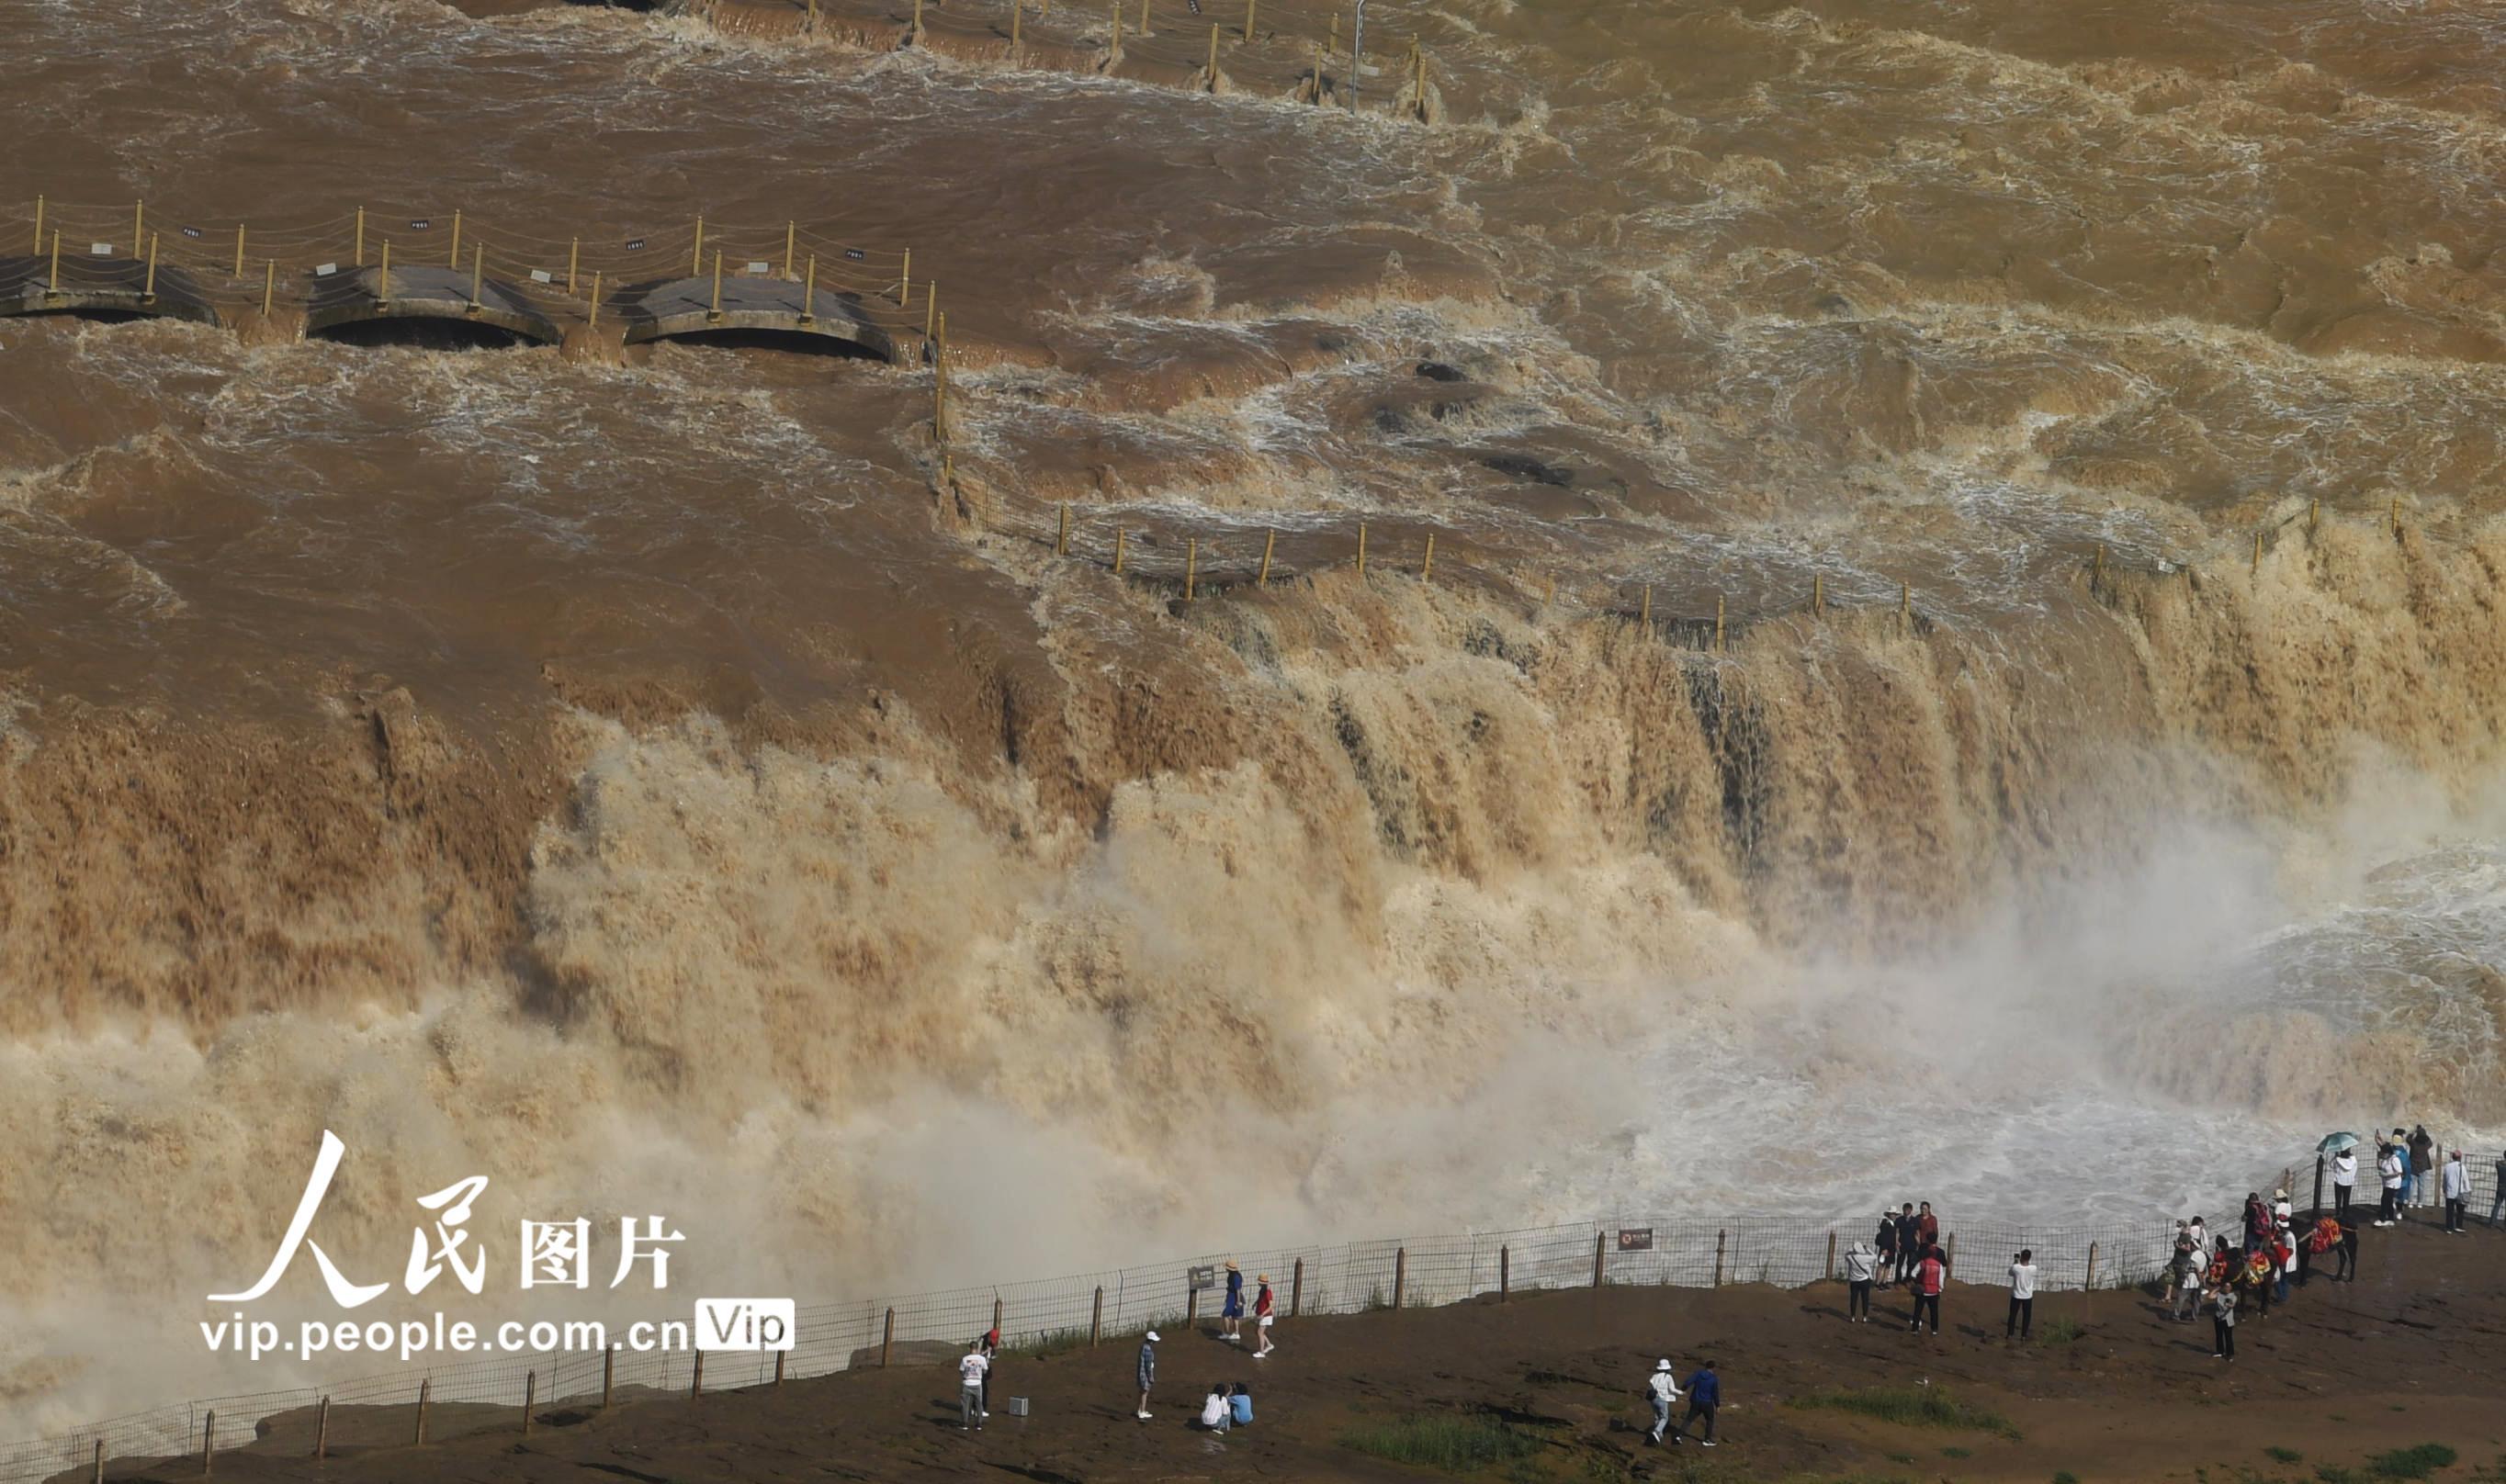 黄河壶口瀑布水量增大形成绵延百米瀑布群